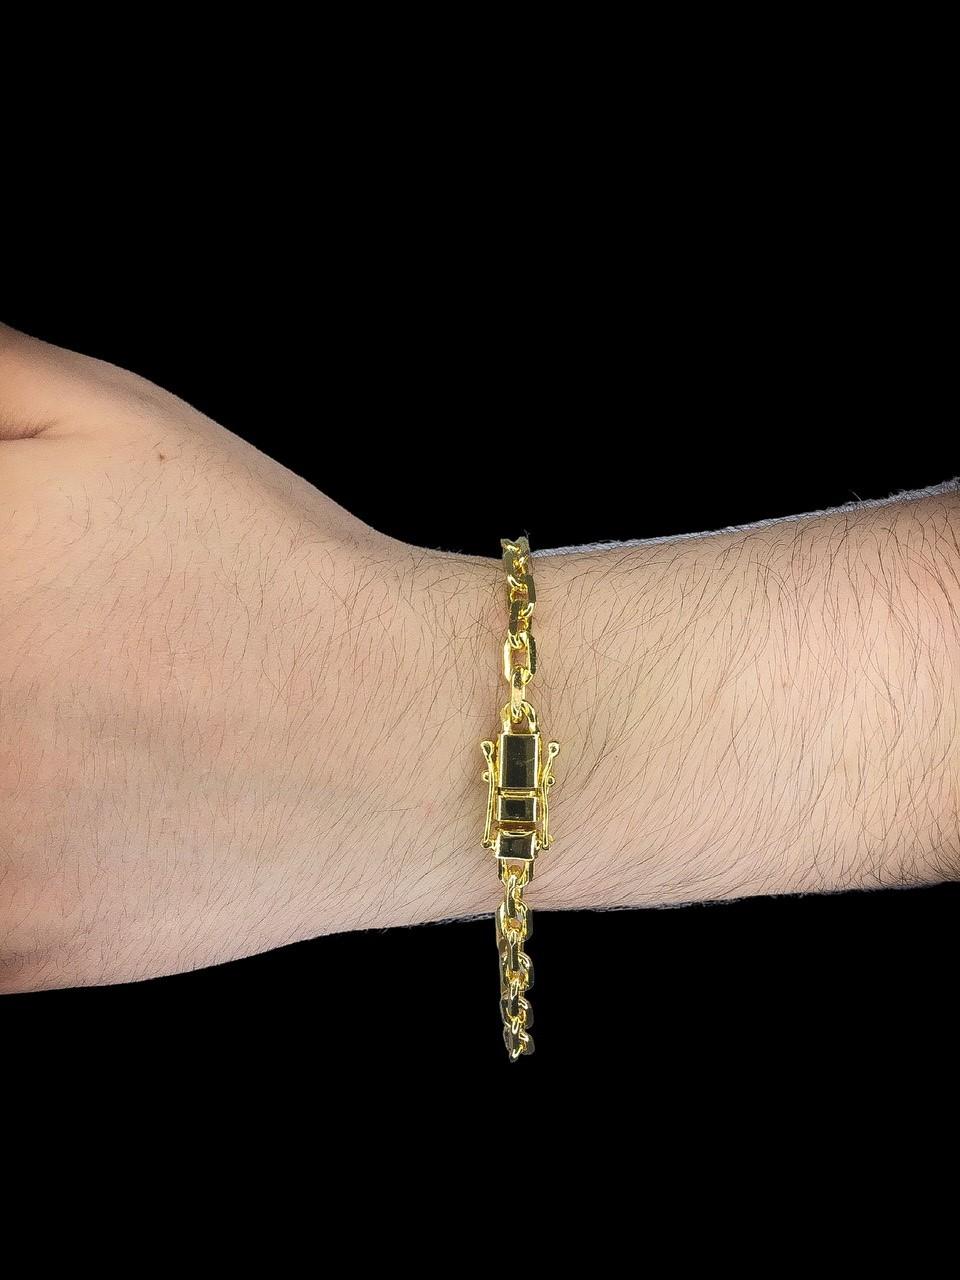 Pulseira Cartie -  5 milímetros - 22 Centímetros - fecho gaveta trava dupla - Banhado a ouro 18 k